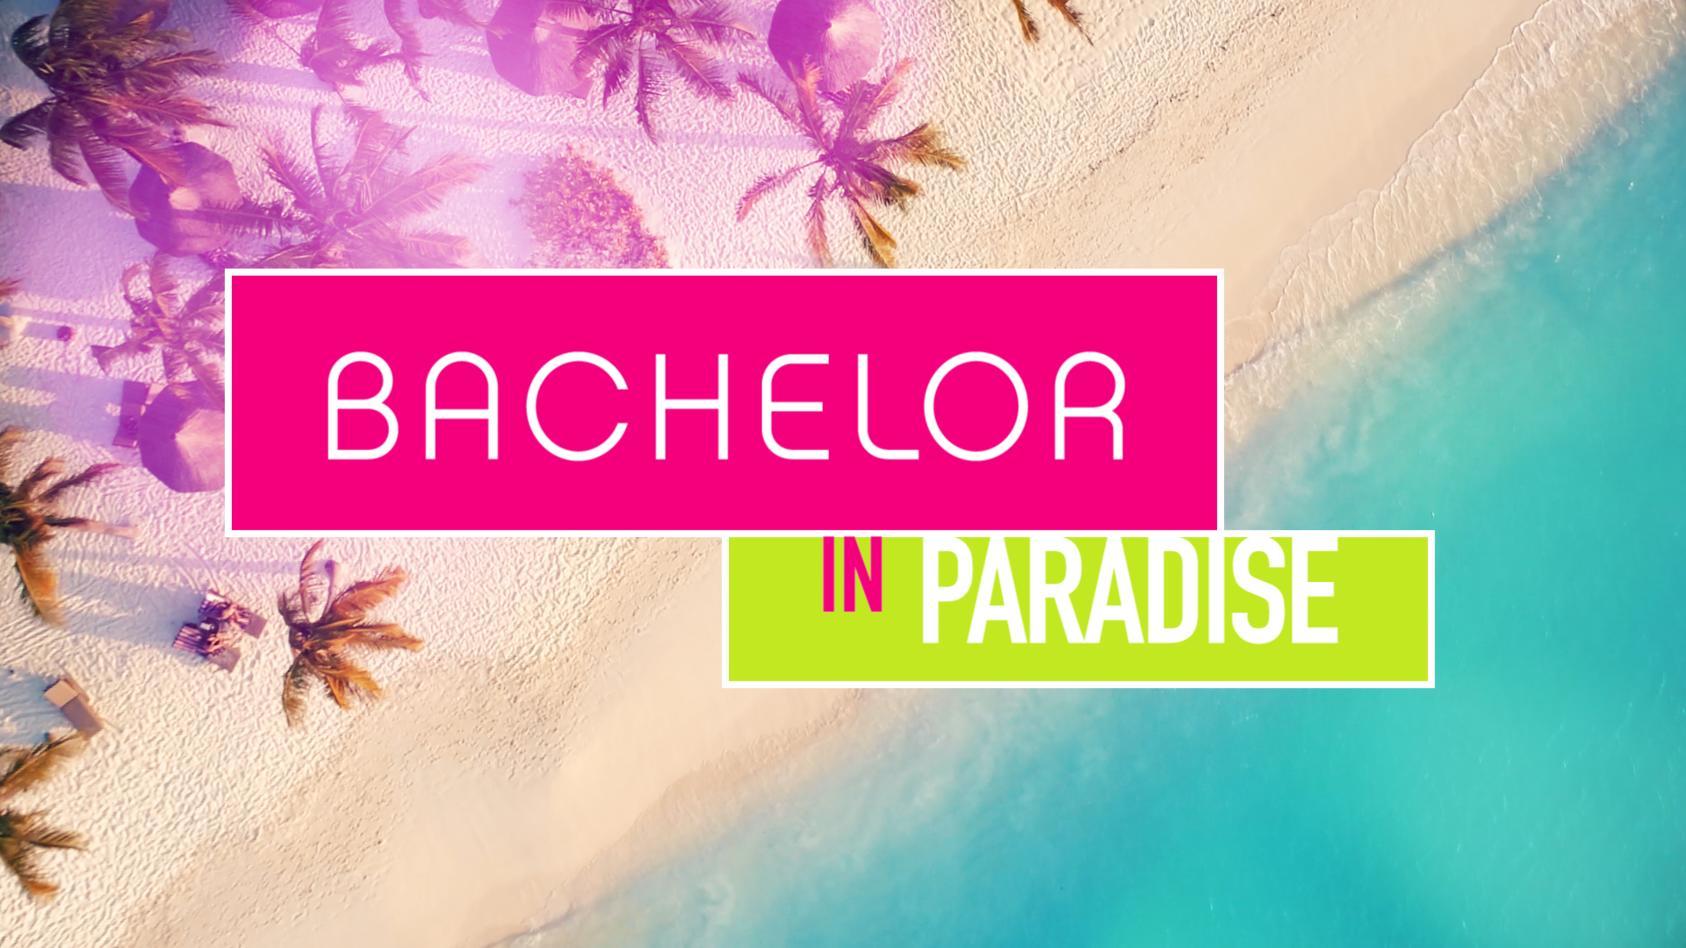 bachelor-in-paradise-folge-2-kaum-im-paradies-und-schon-wieder-weg